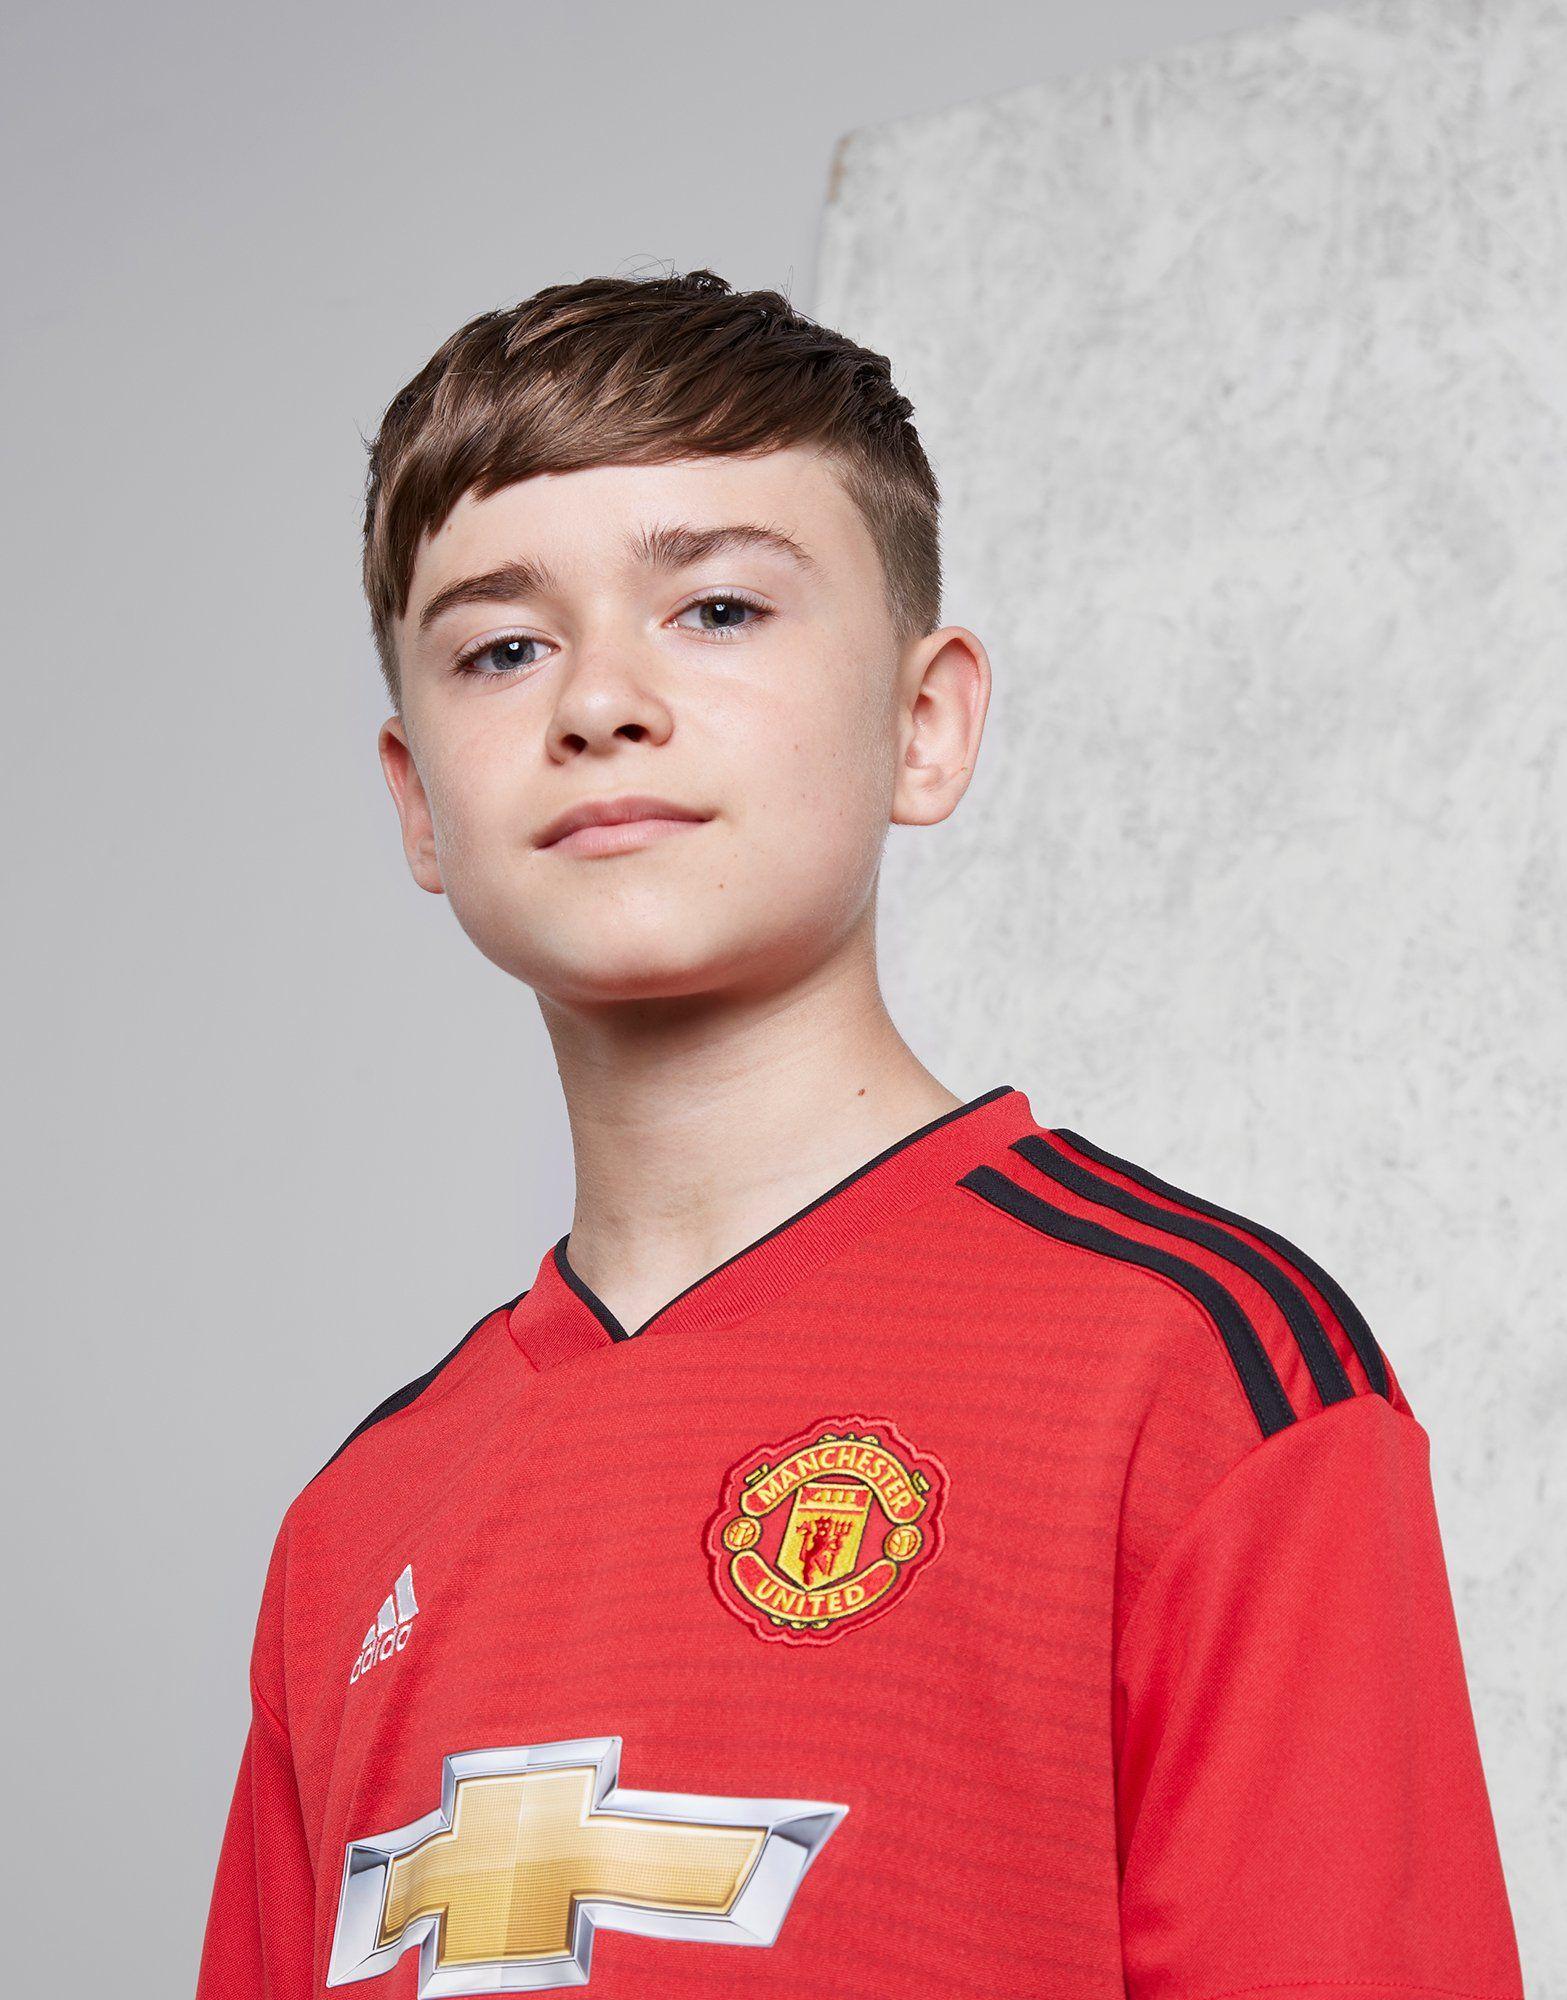 adidas Manchester United FC 2018/19 Hemmatröja Junior